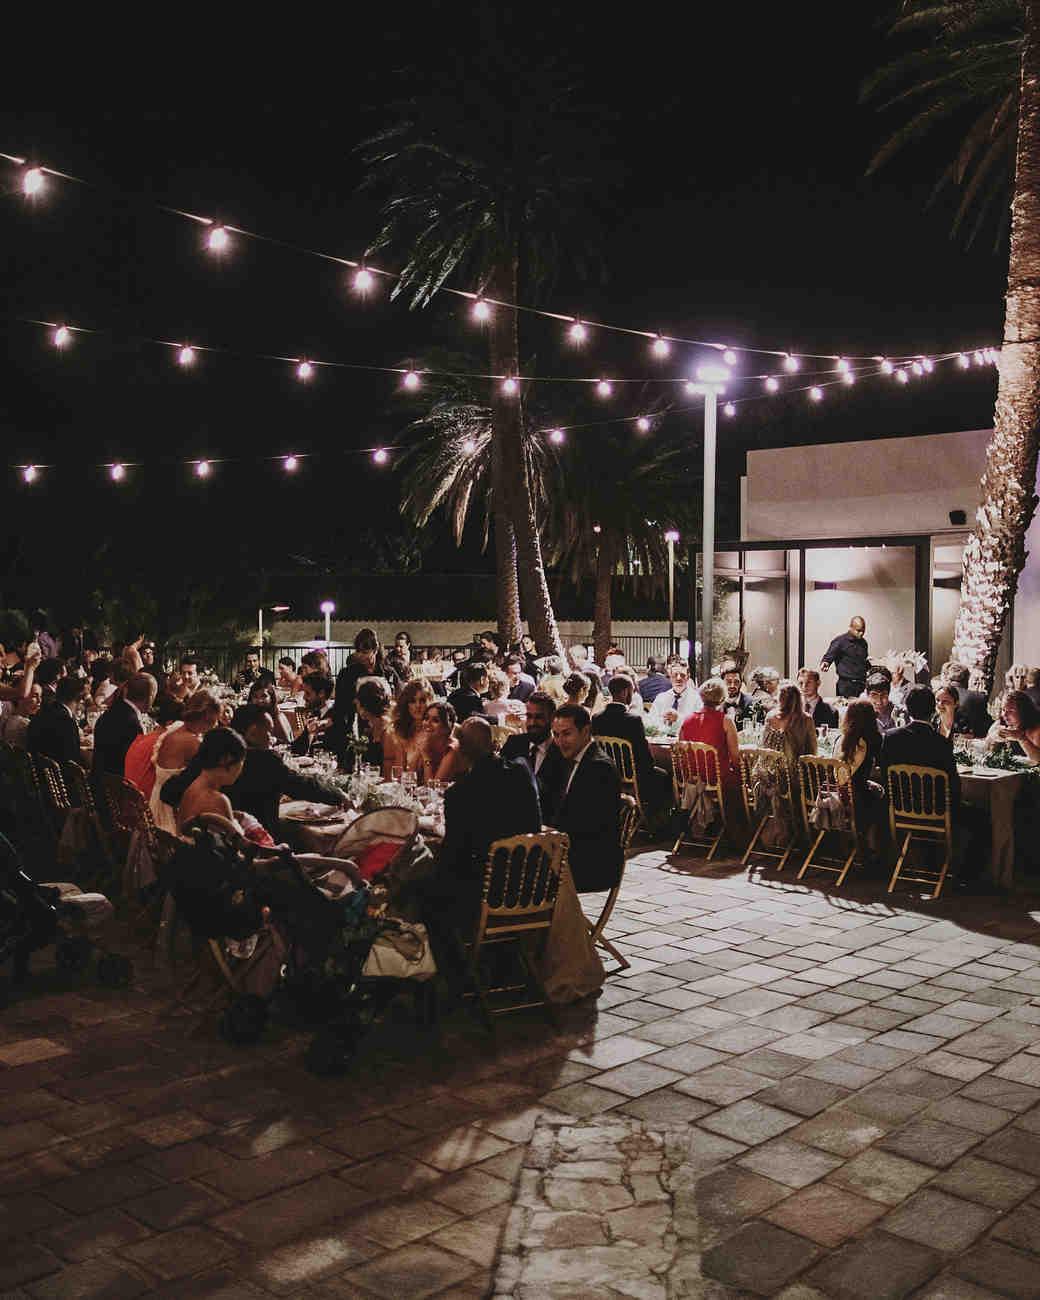 tamara-brett-wedding-reception-1396-s112120-0915.jpg